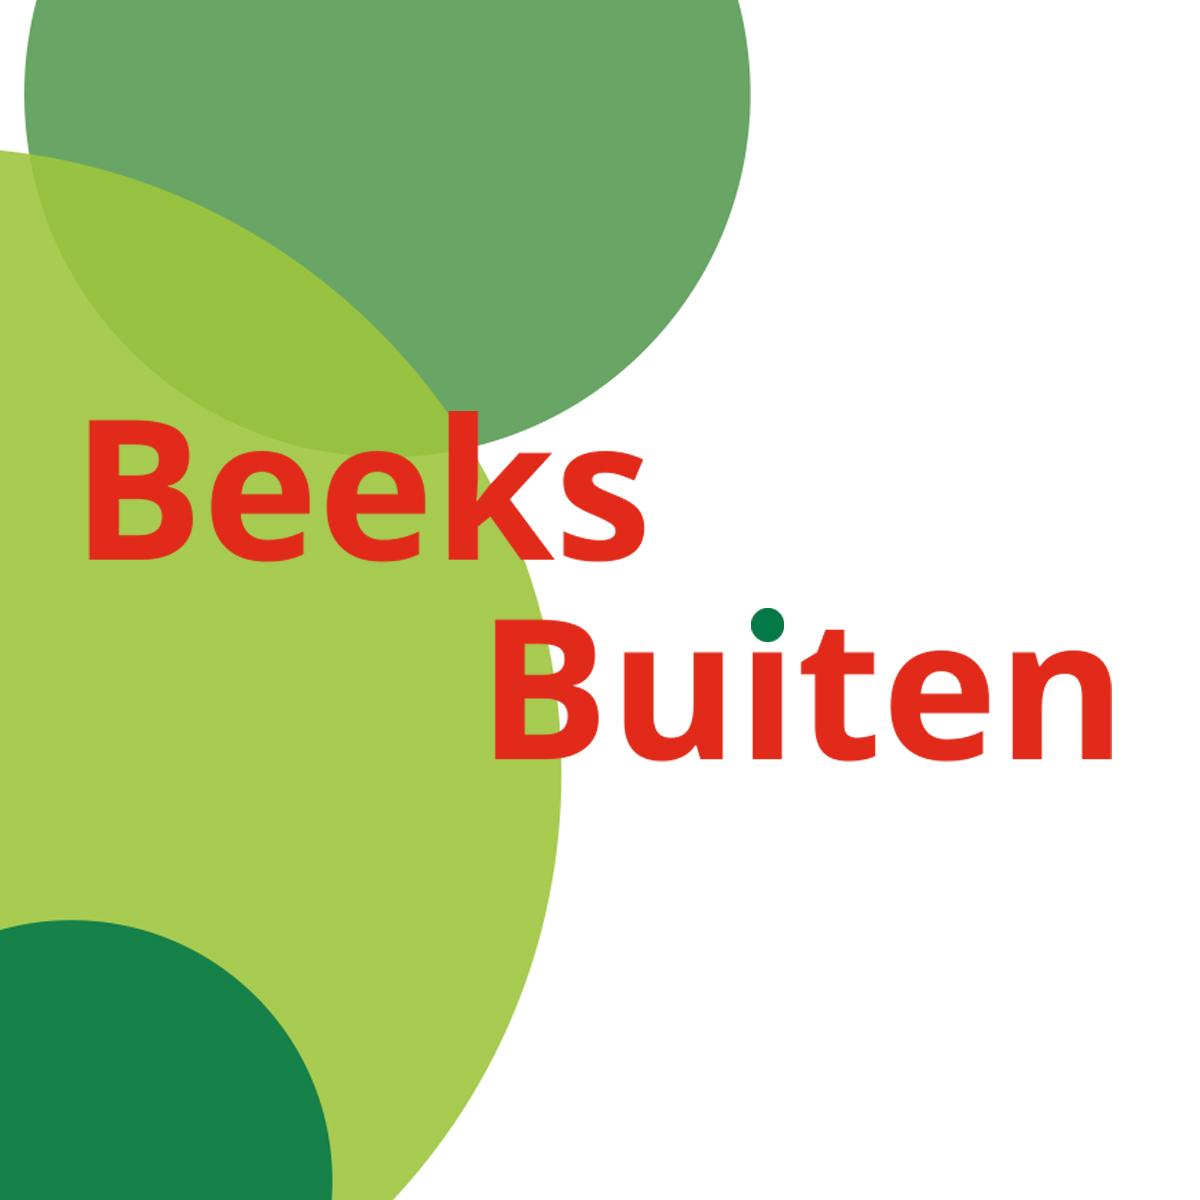 Beeks Buiten